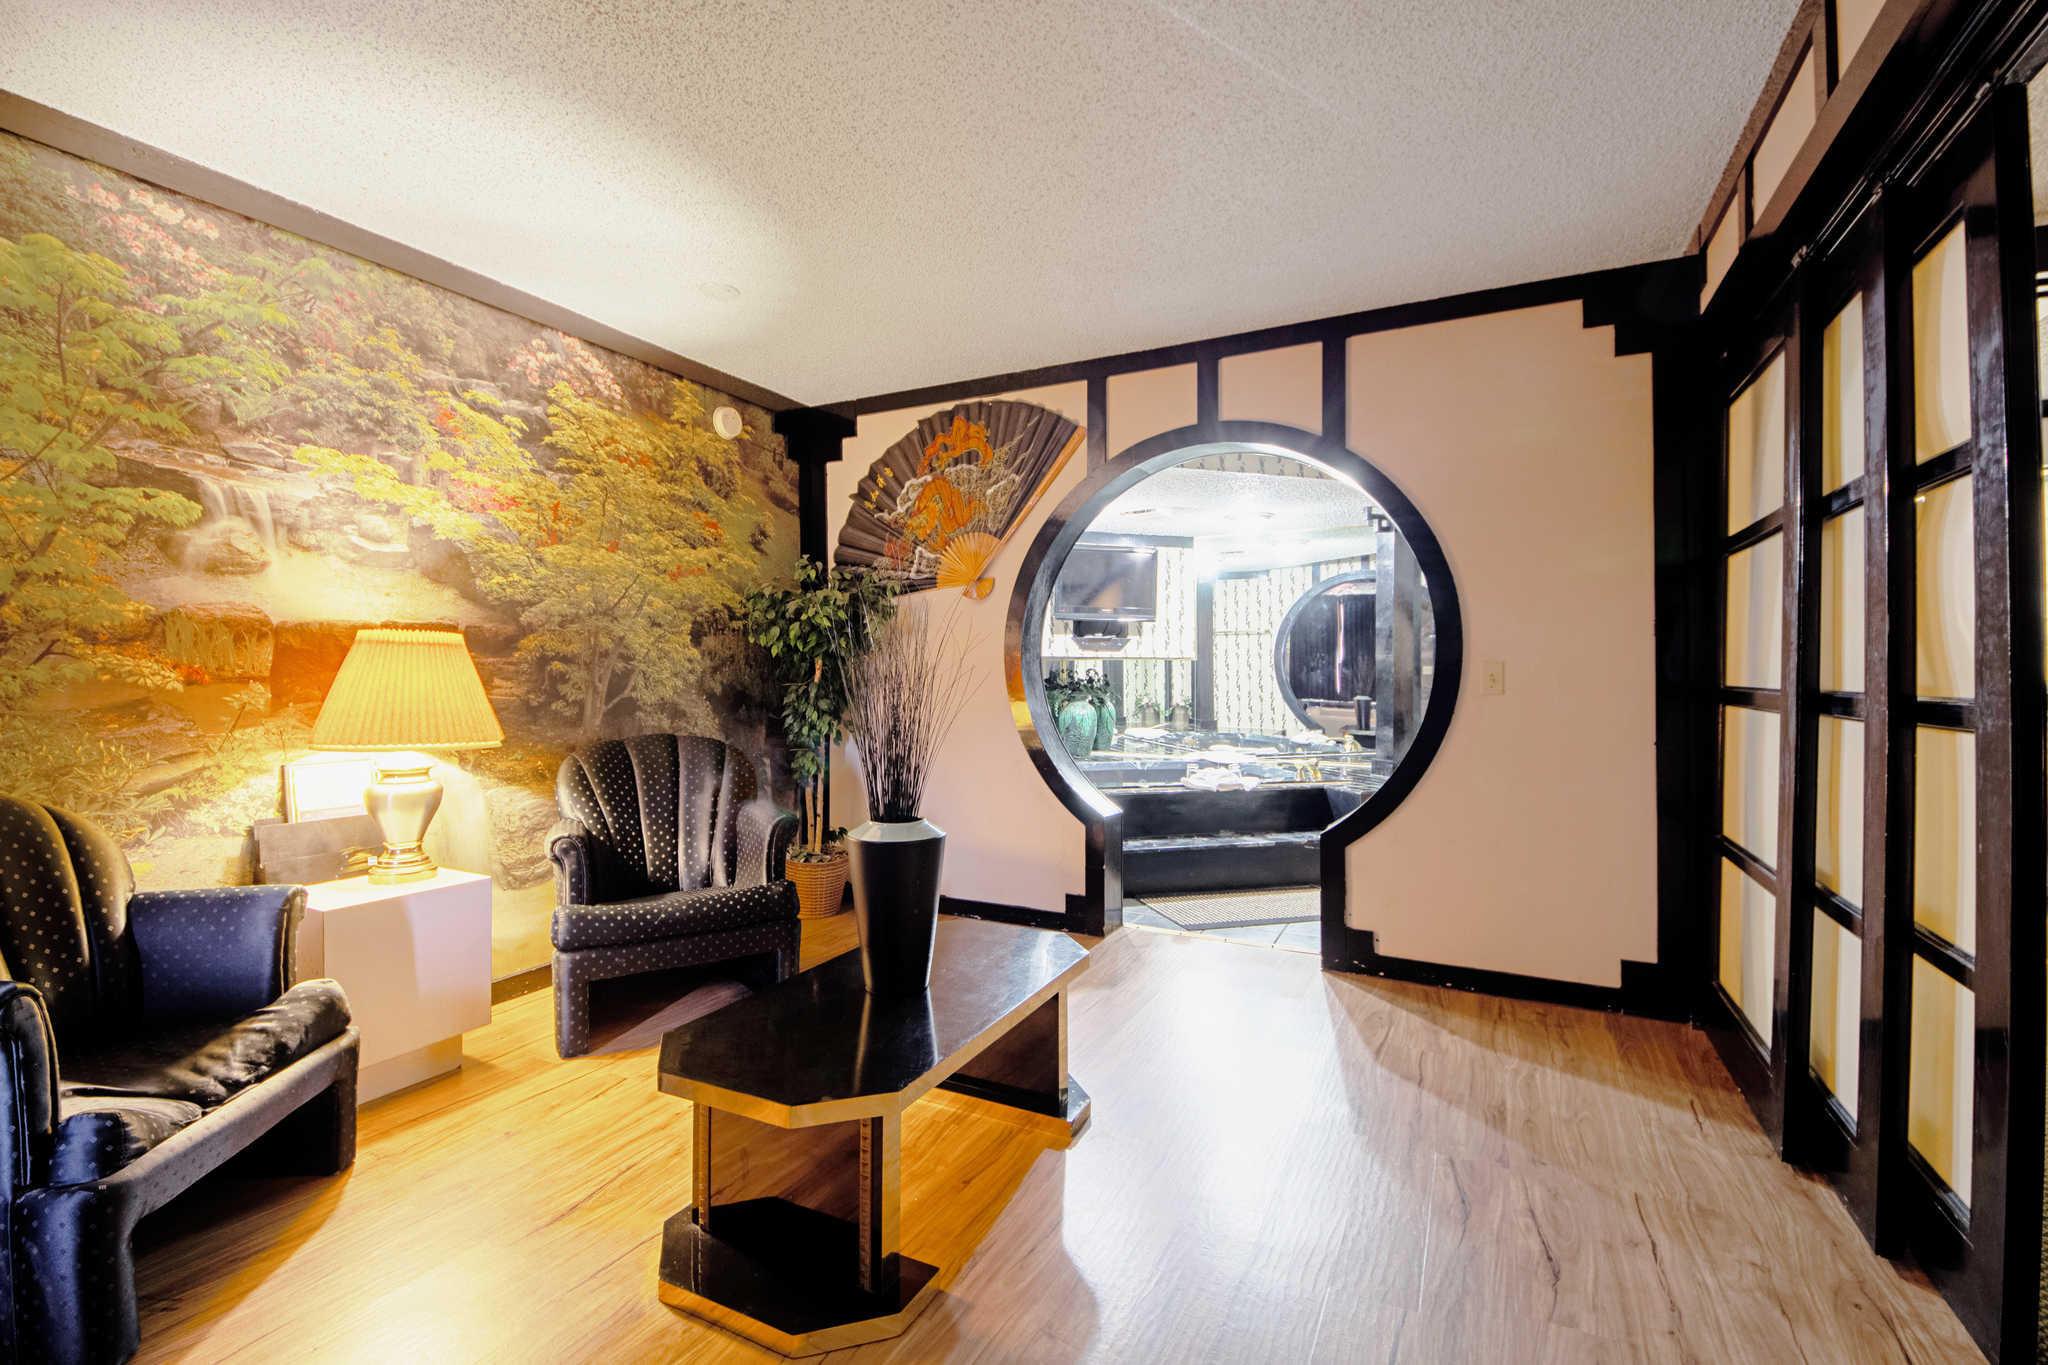 Rodeway Inn & Suites image 46